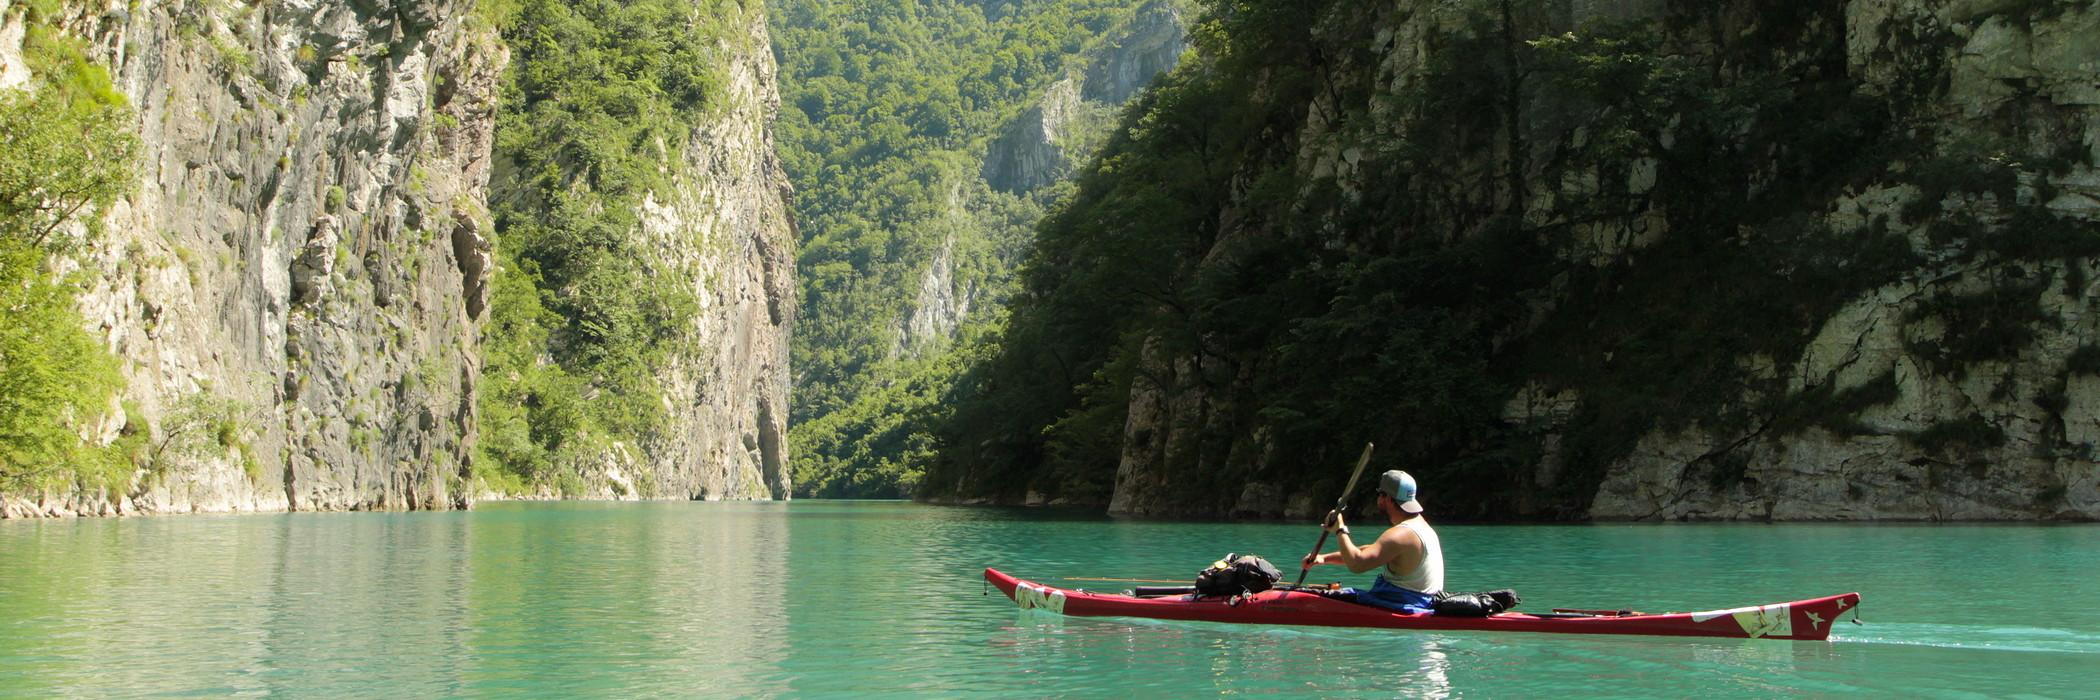 Kaland Albániában